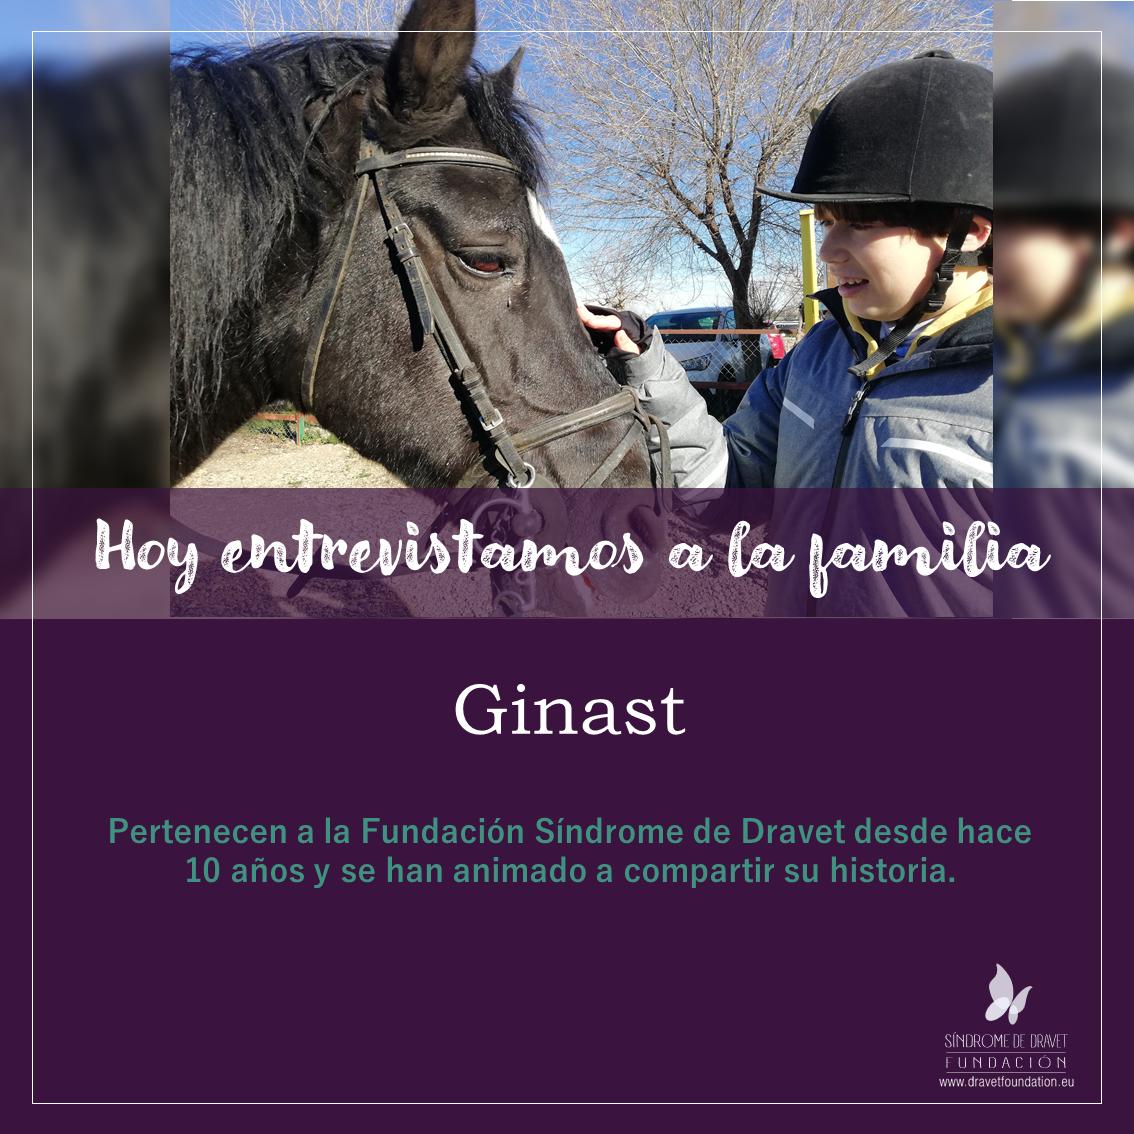 Entrevistamos a la familia Ginast